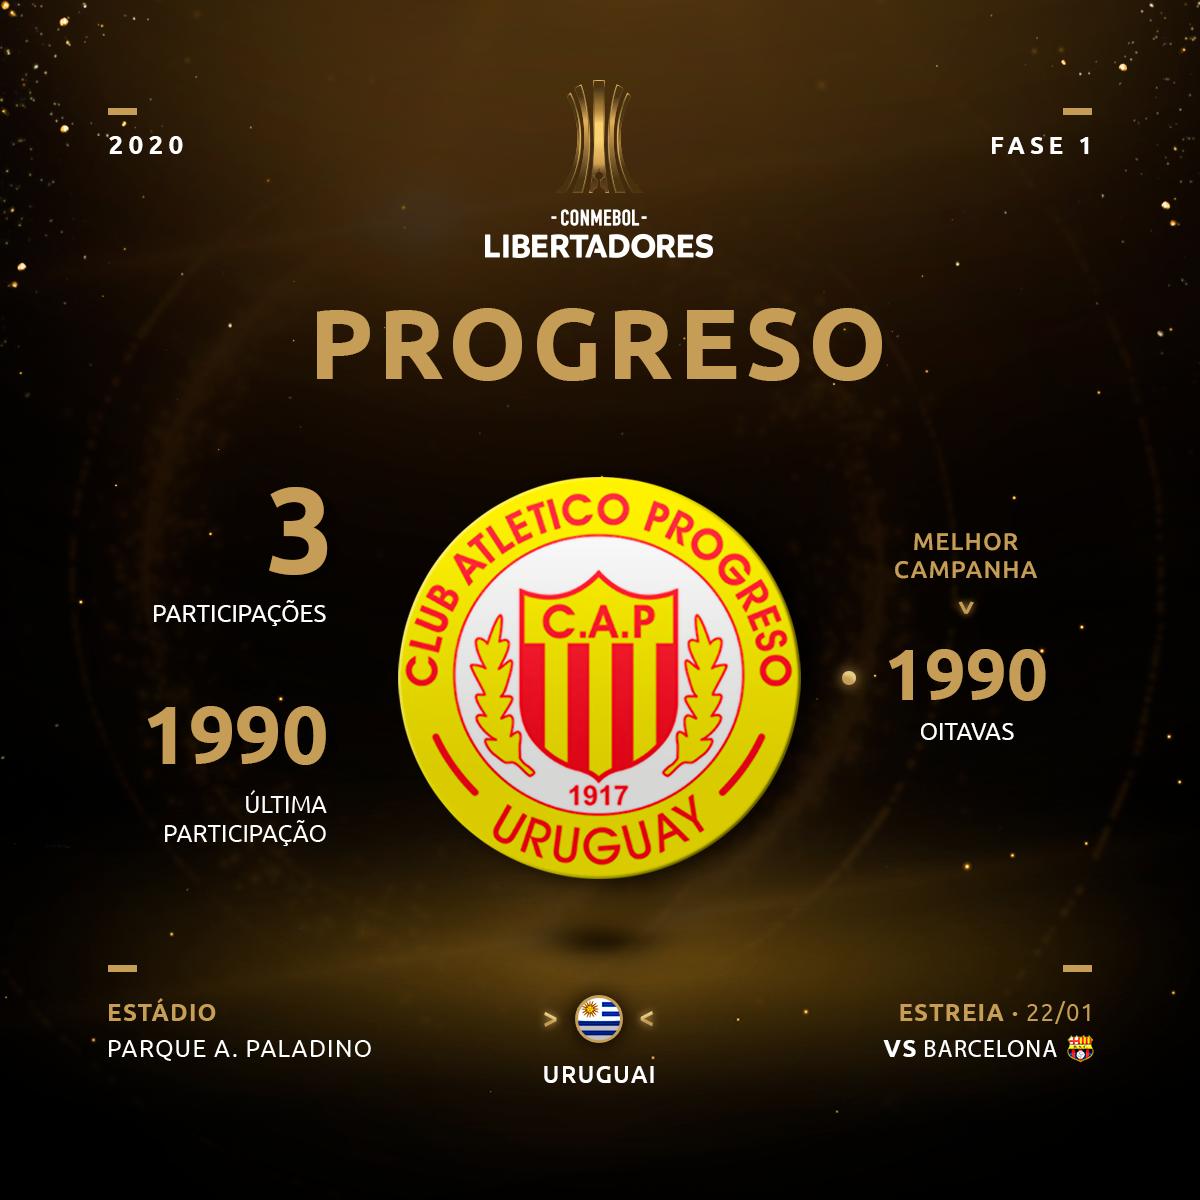 Progreso - Libertadores 2020